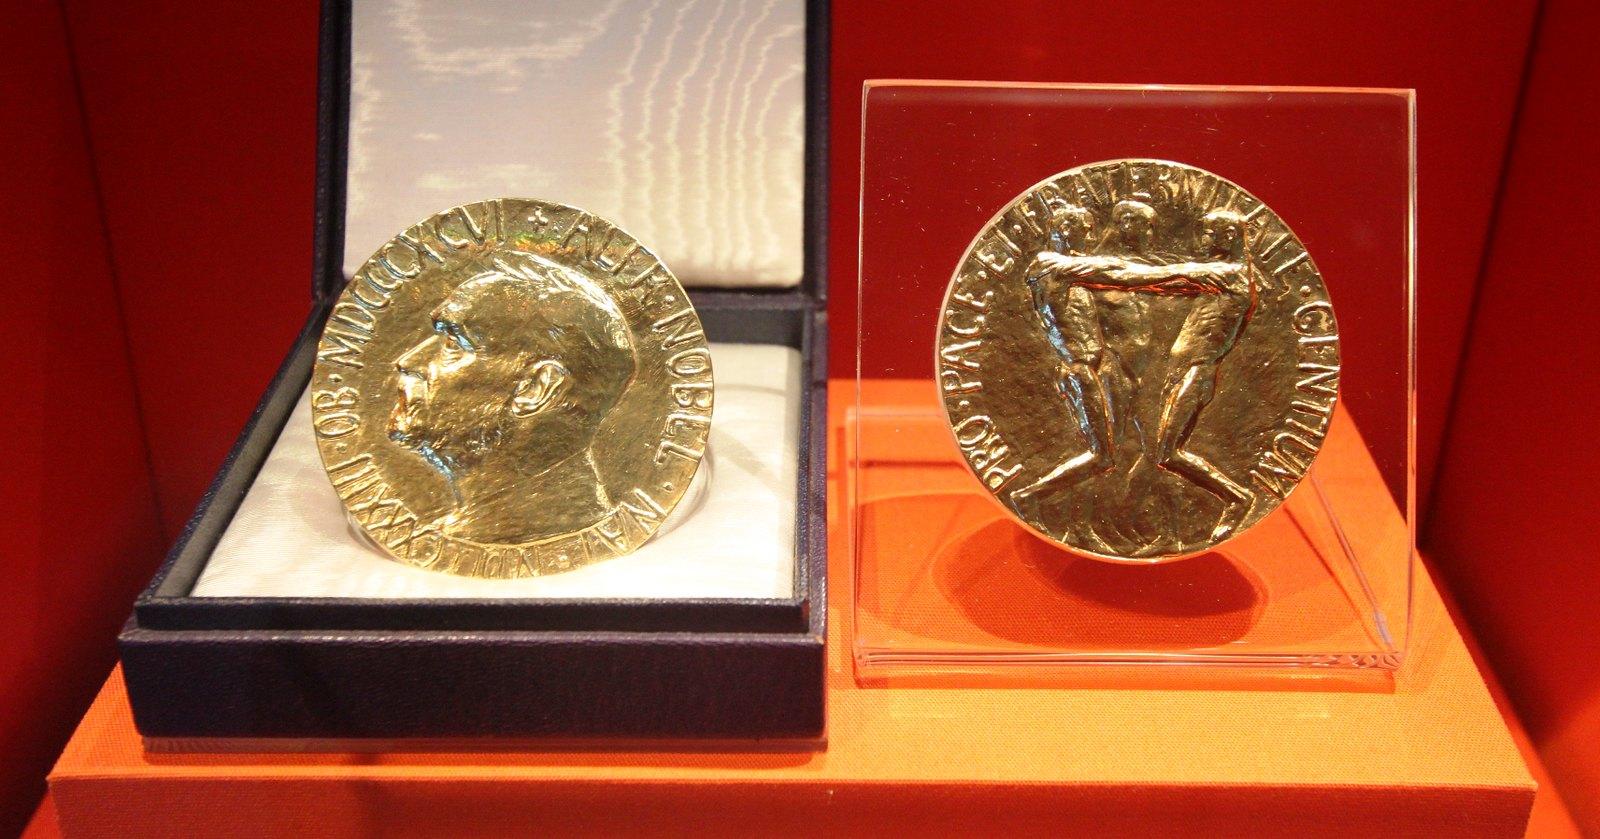 Prêmio Nobel: Conheça a origem de uma das principais premiações mundiais